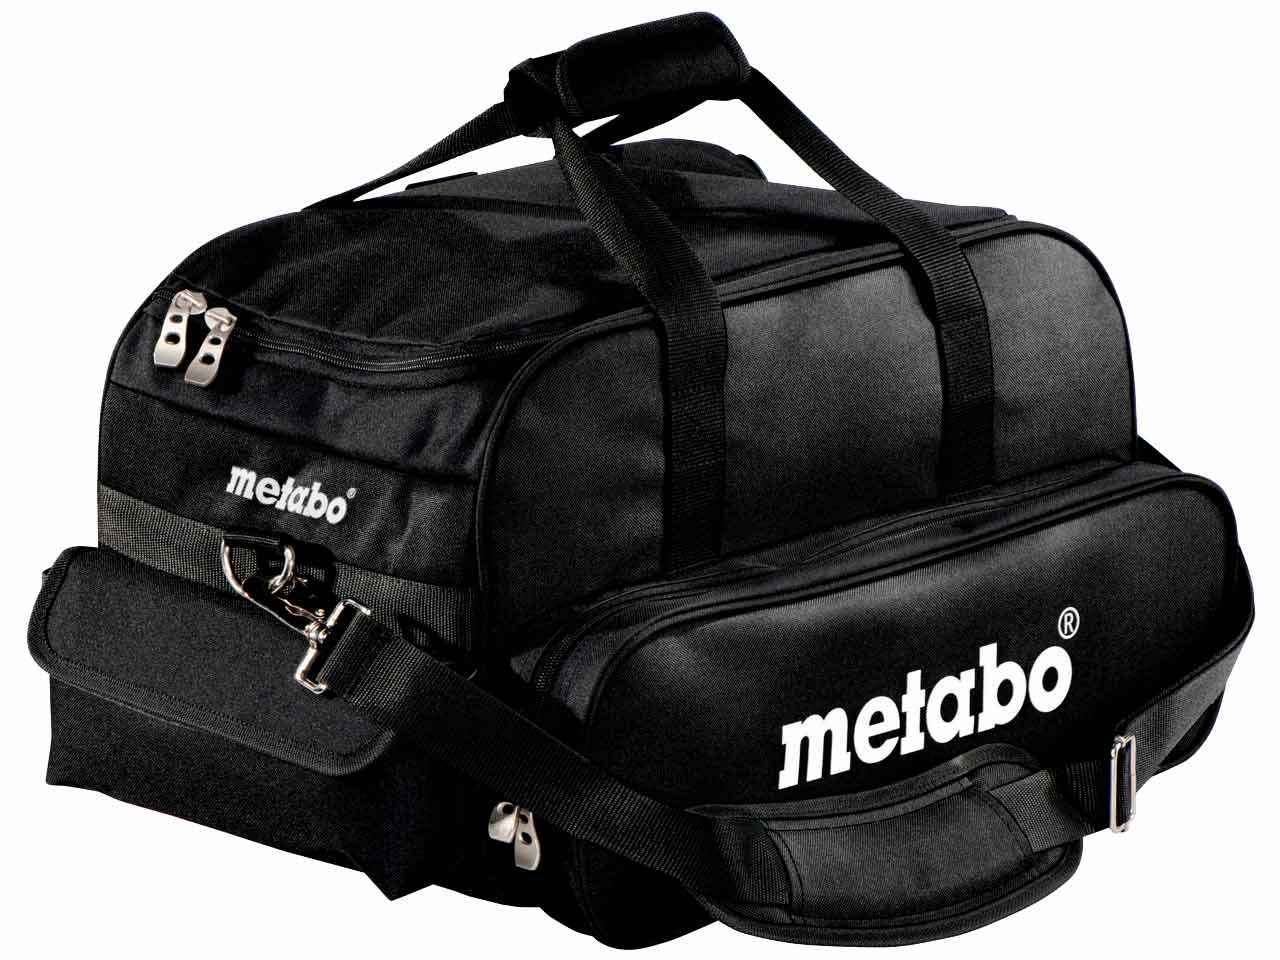 Metabo_657043000.jpg